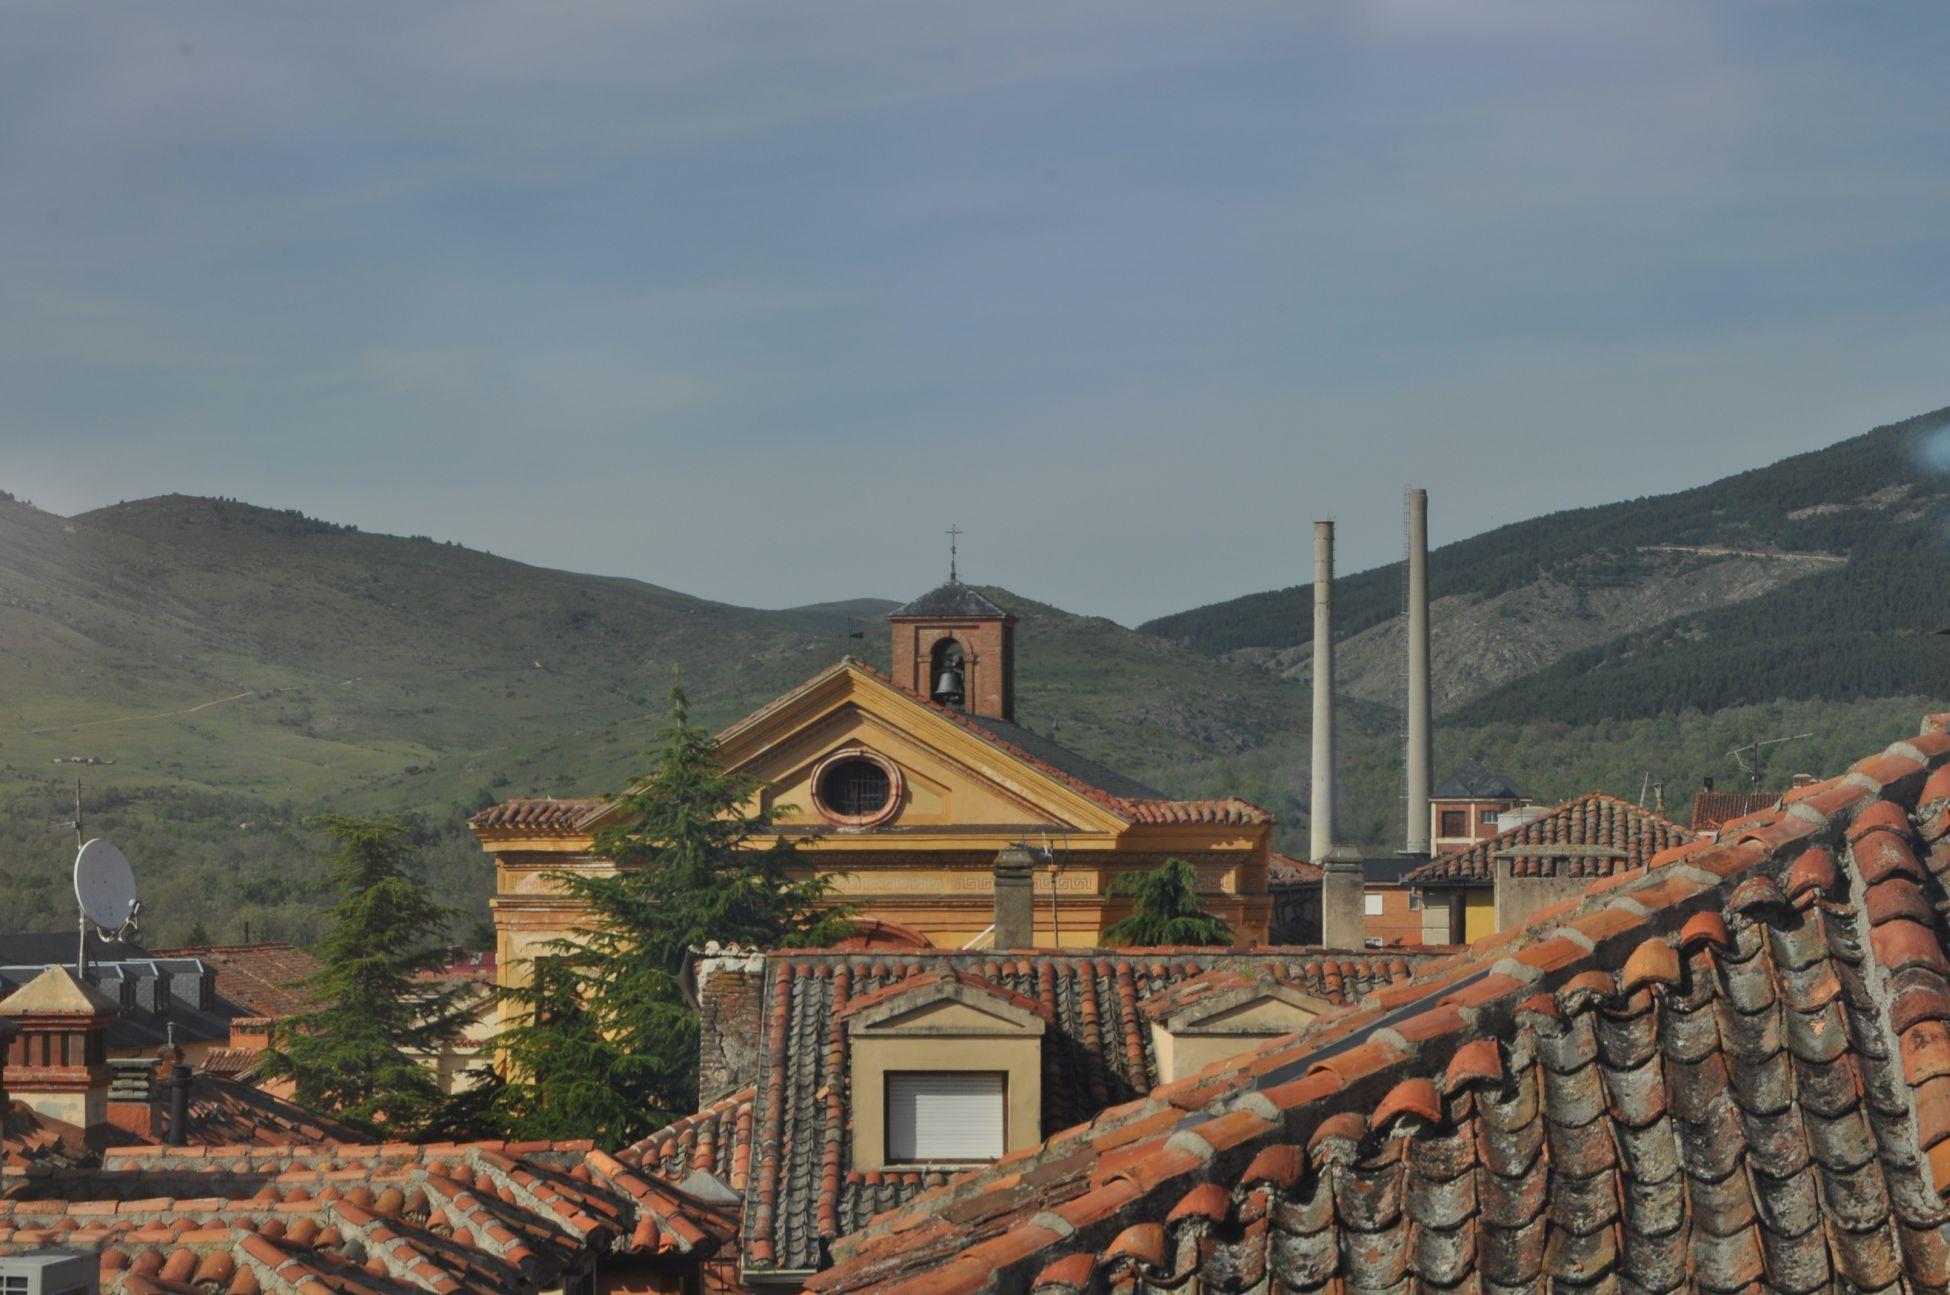 Vistas Hostal La Chata